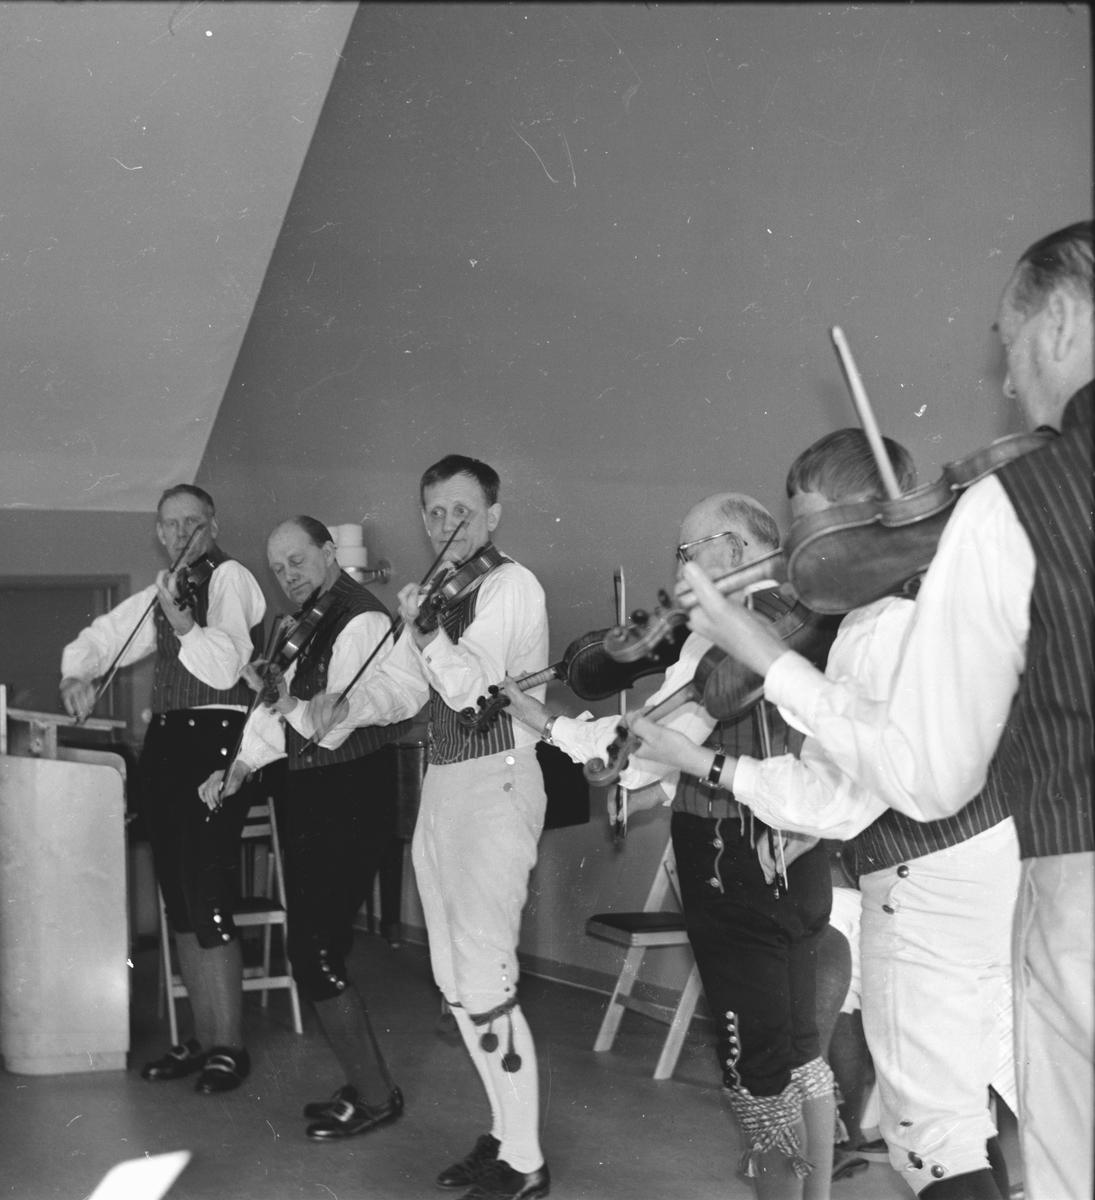 Spelmän på kulturkalaset, Bollnäs 7 april 1968